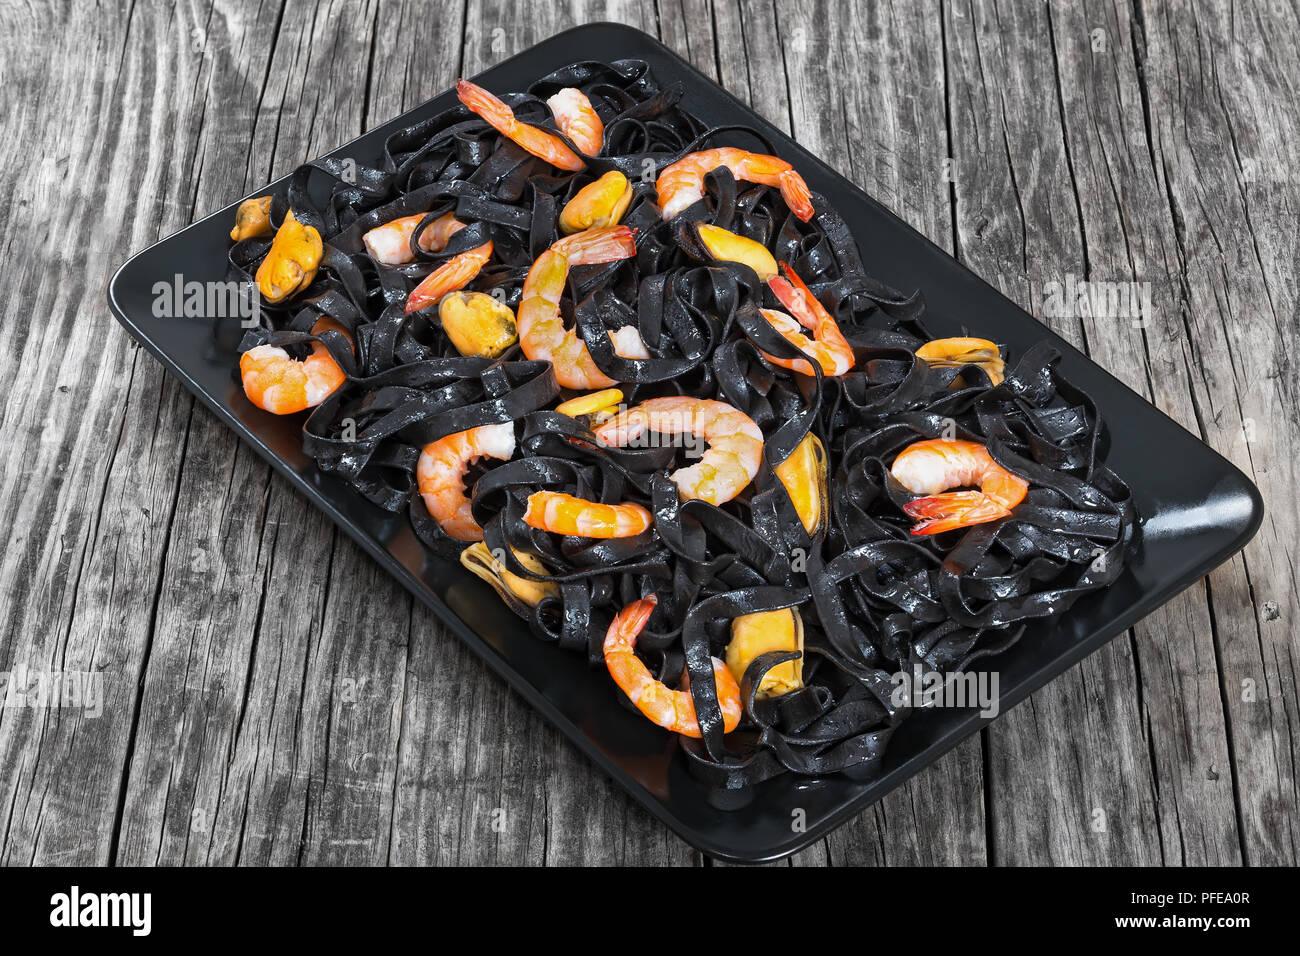 Tagliatelle nere con insalata di gamberetti e cozze su nero piatto rettangolare in legno scuro tabella close-up, vista dall'alto Immagini Stock